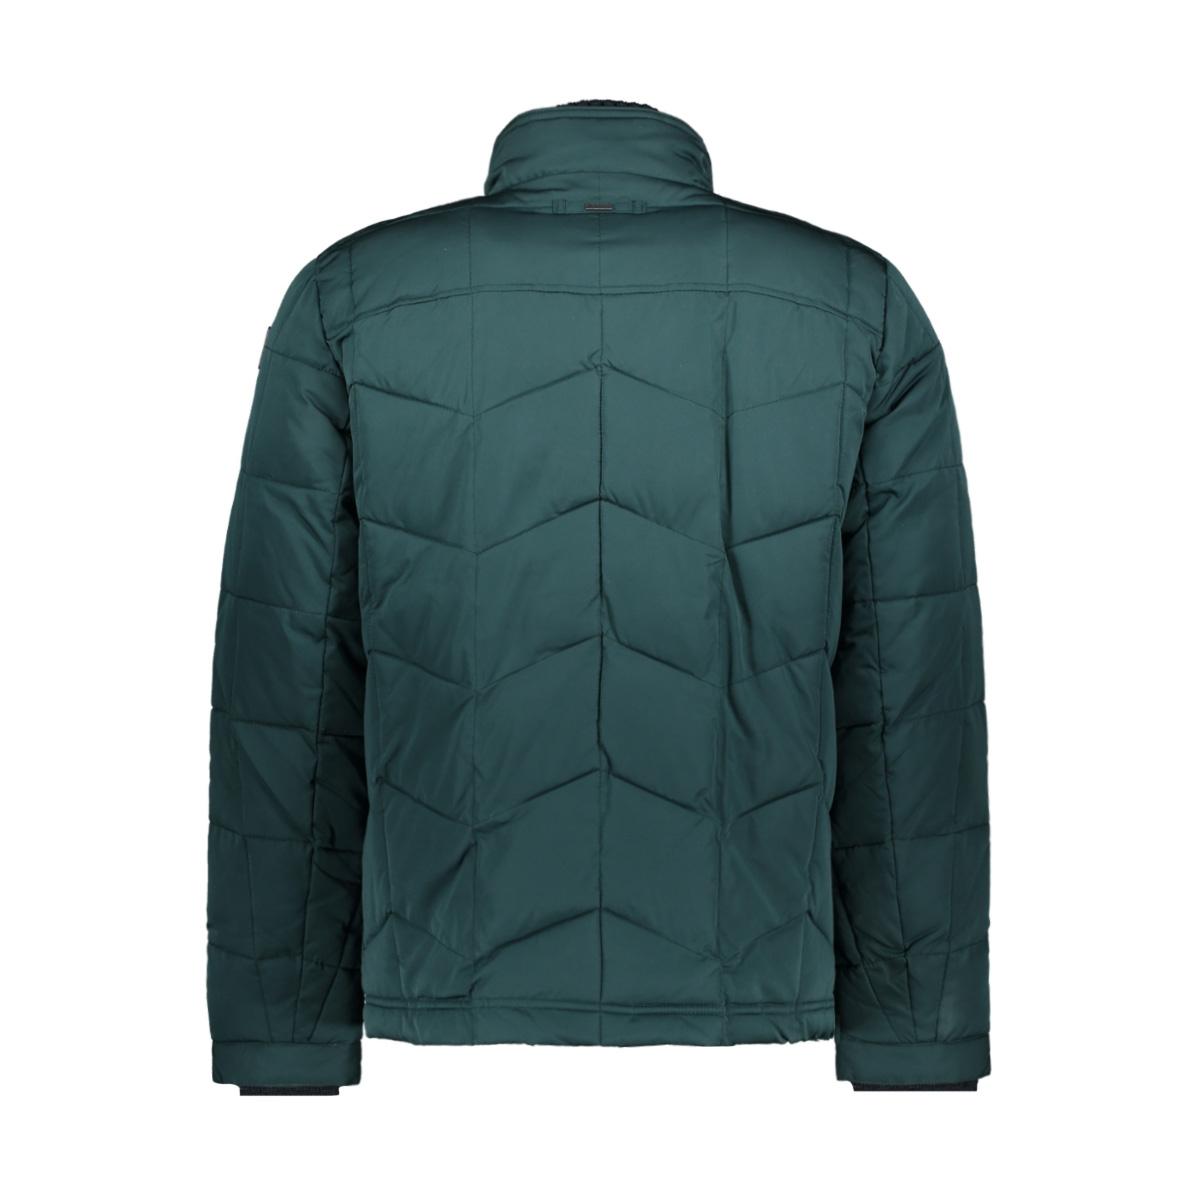 guzzi jacket vja196310 vanguard jas 6078